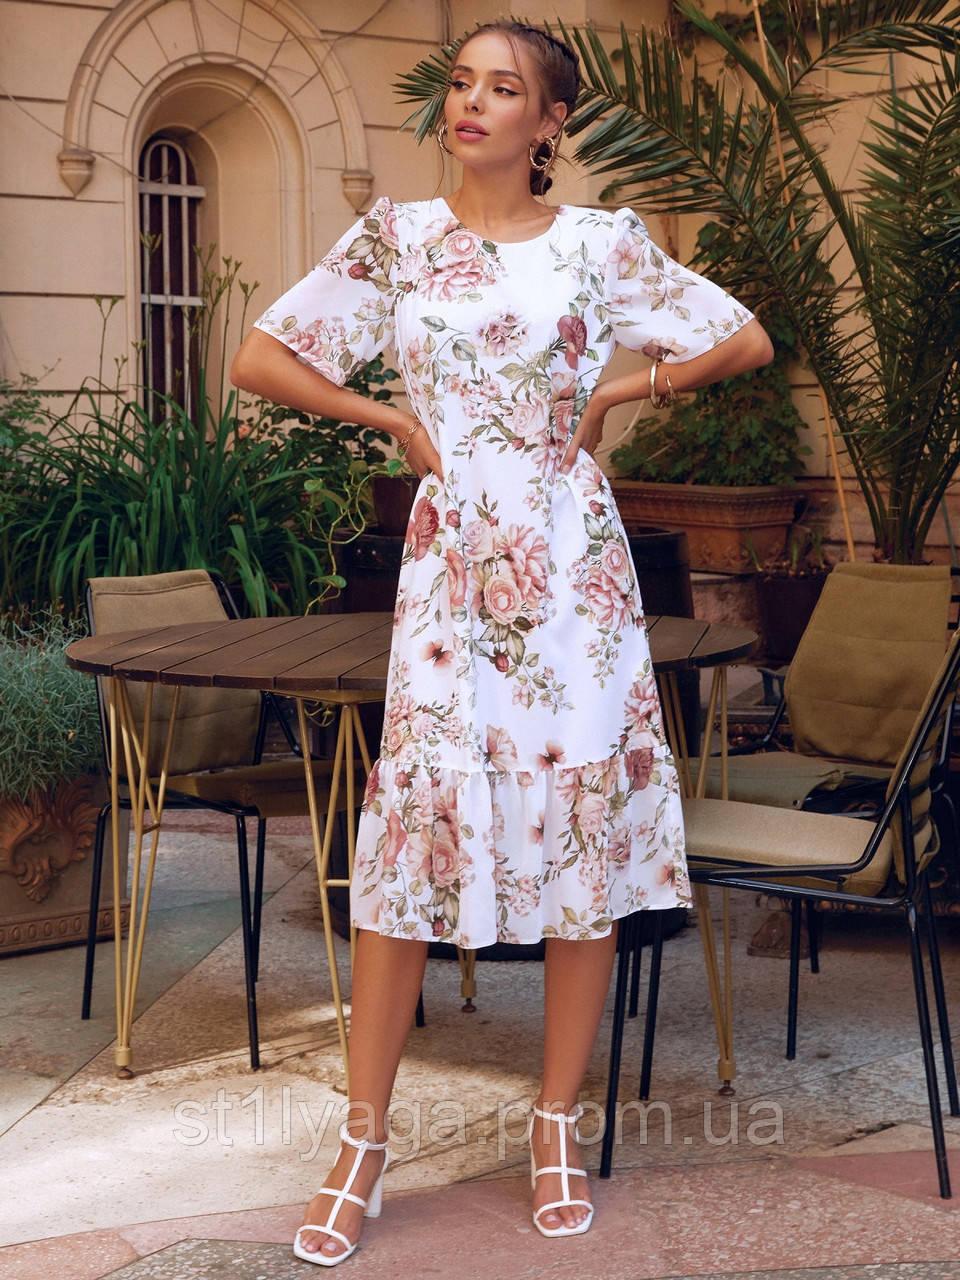 Сукня-трапеція міді в квітковому принті з коротким рукавом